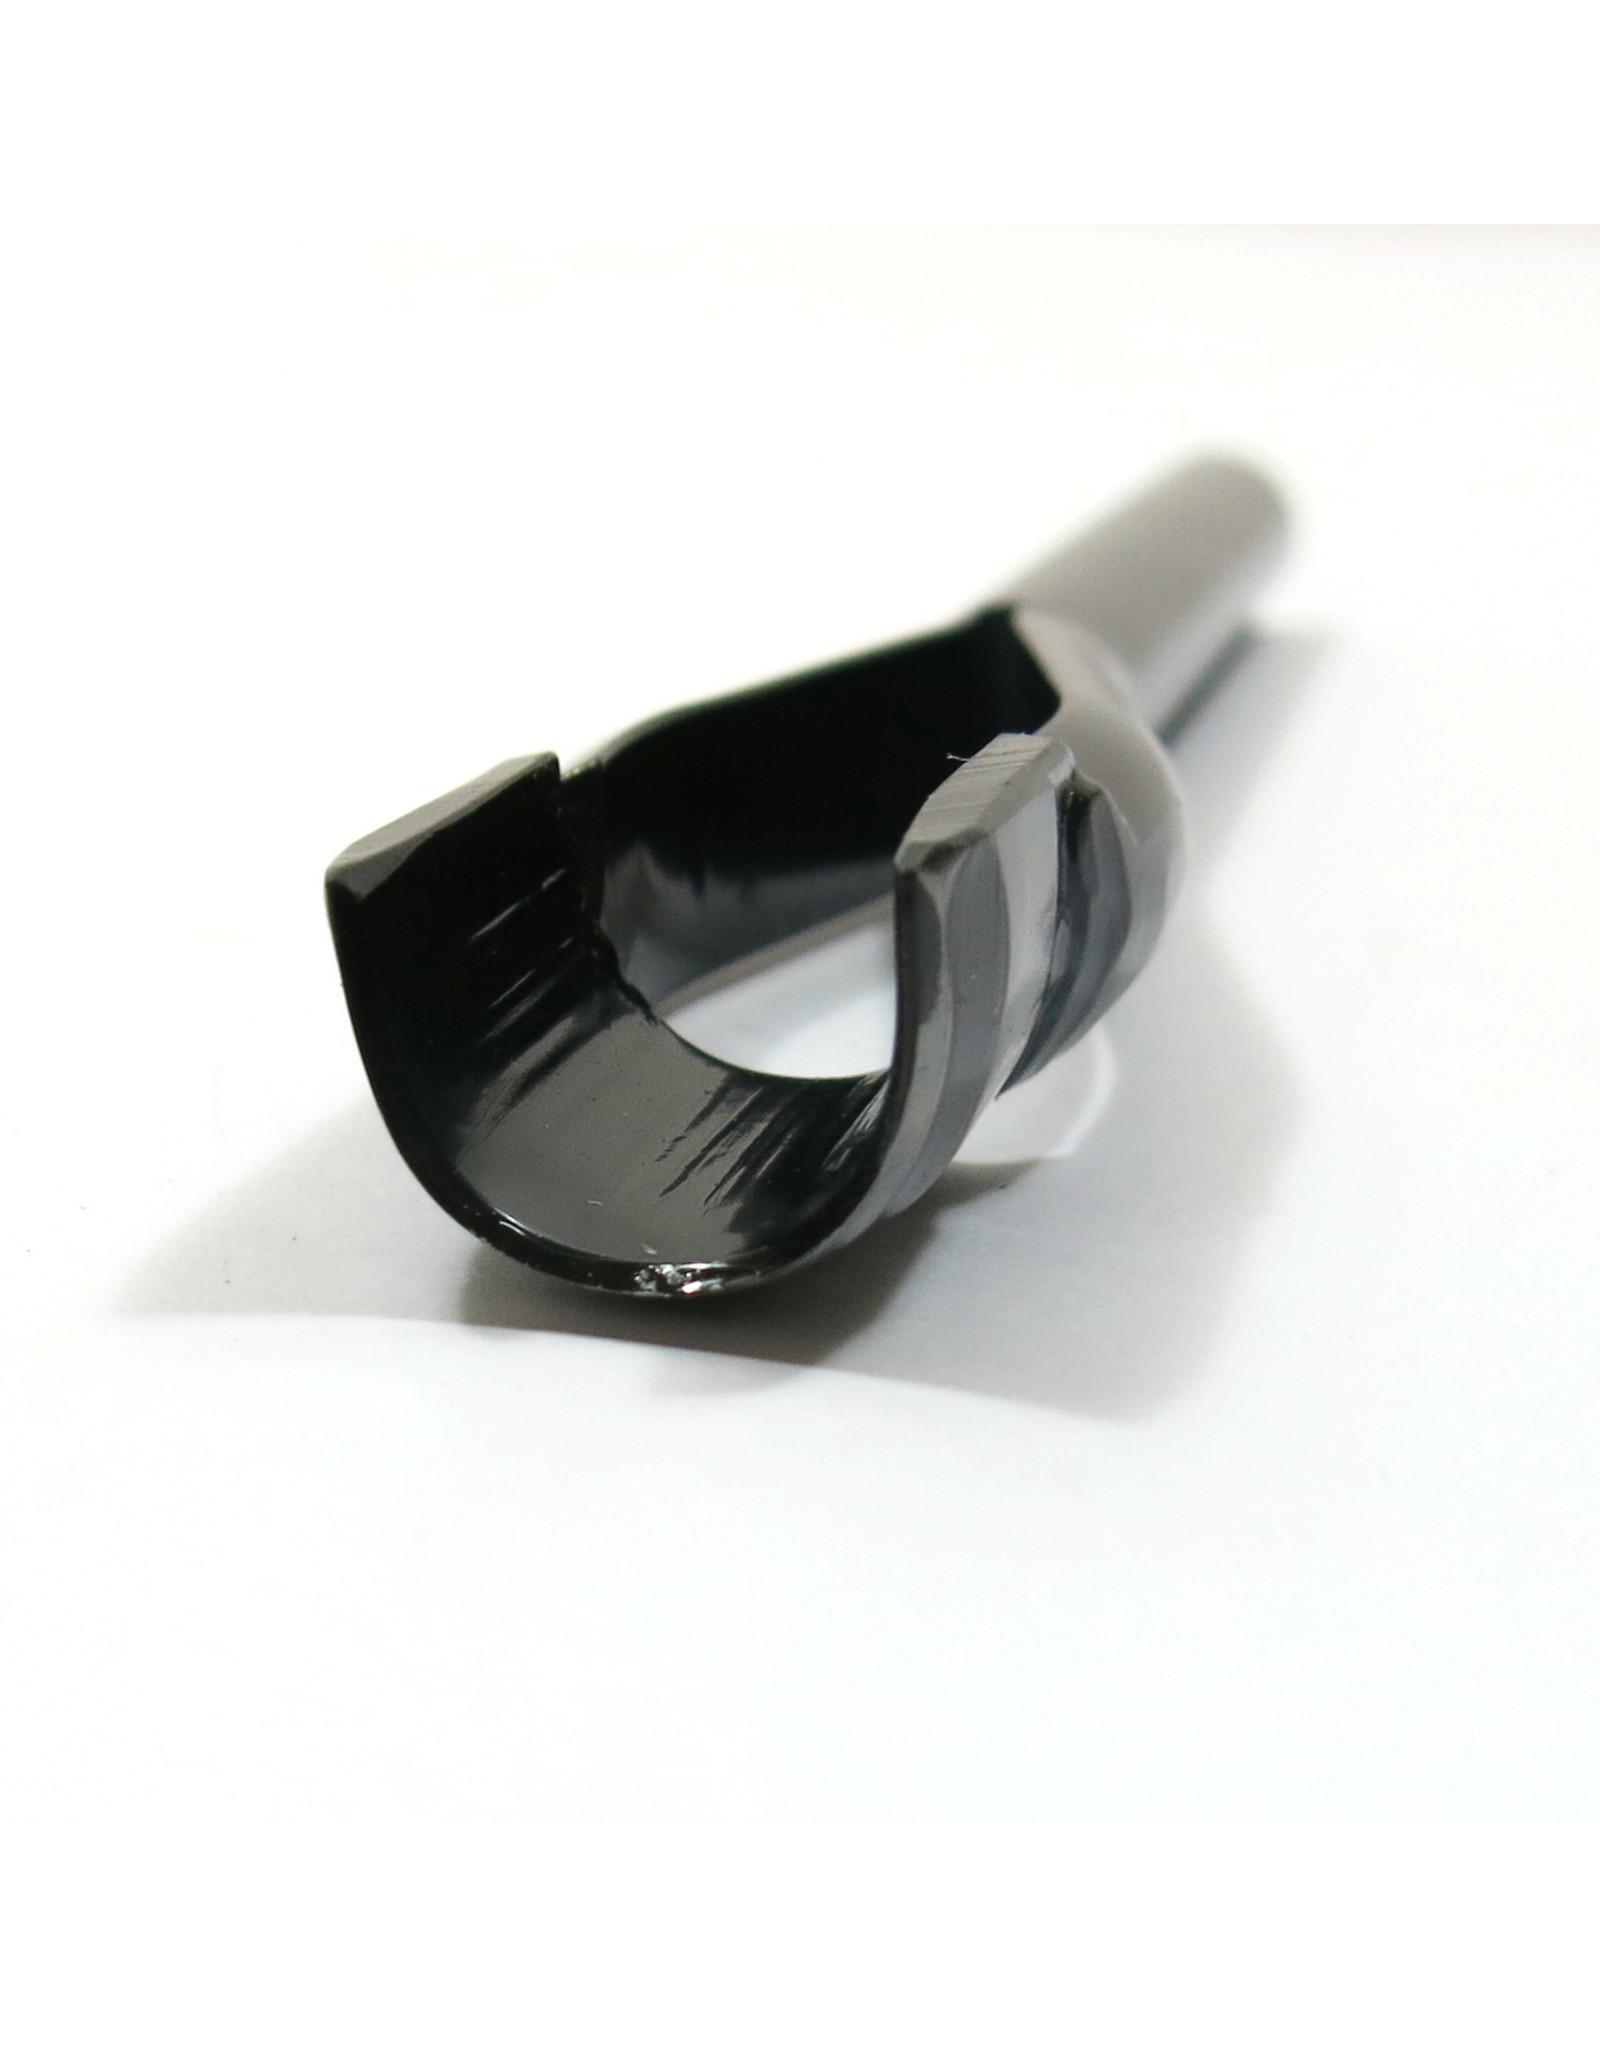 Eindkapper voor riemen 15mm (rond)